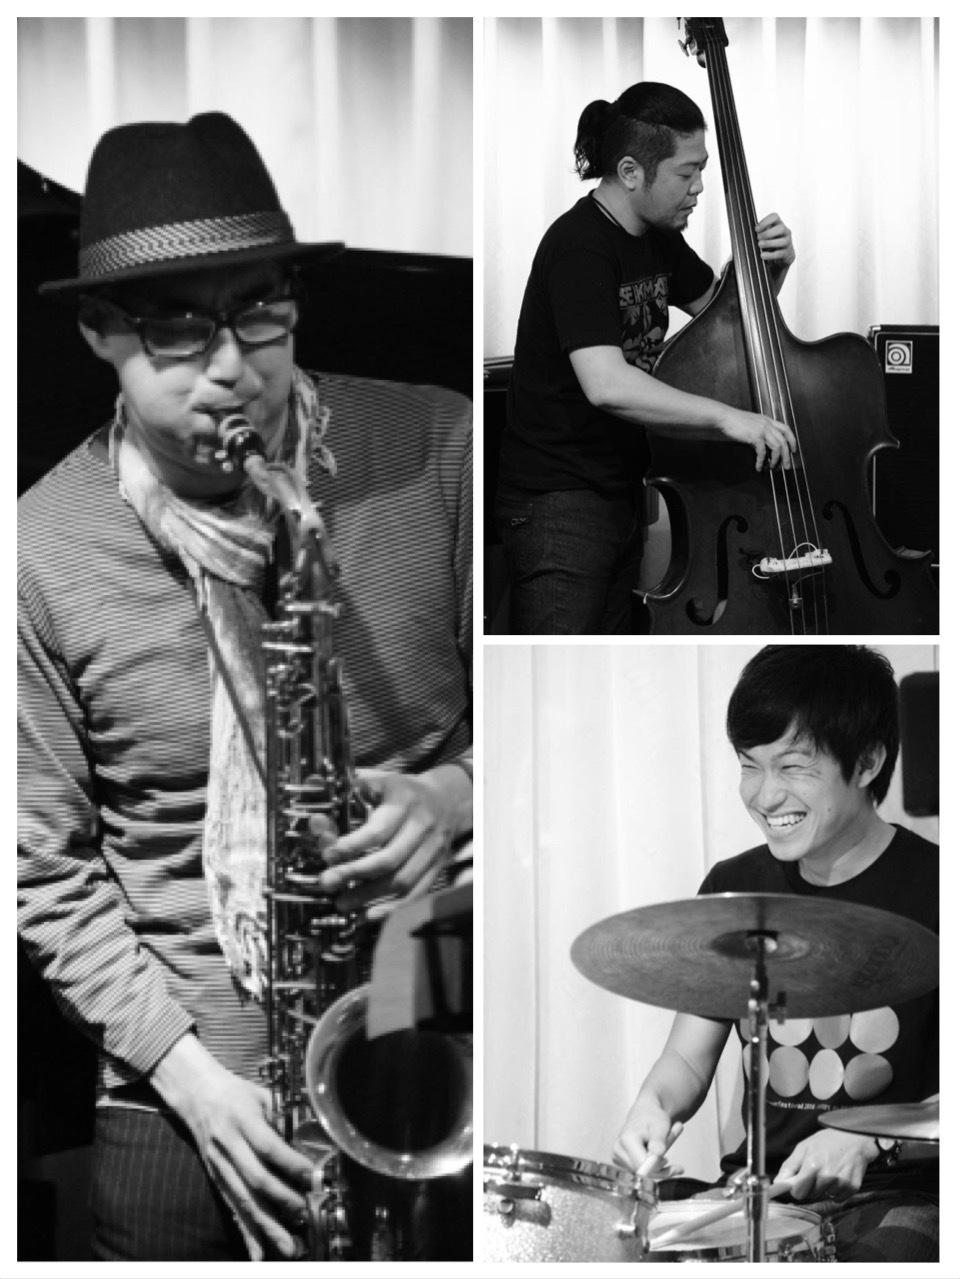 Jazzlive Cominジャズライブカミン 広島 明日7日月曜日の演目_b0115606_18441664.jpeg